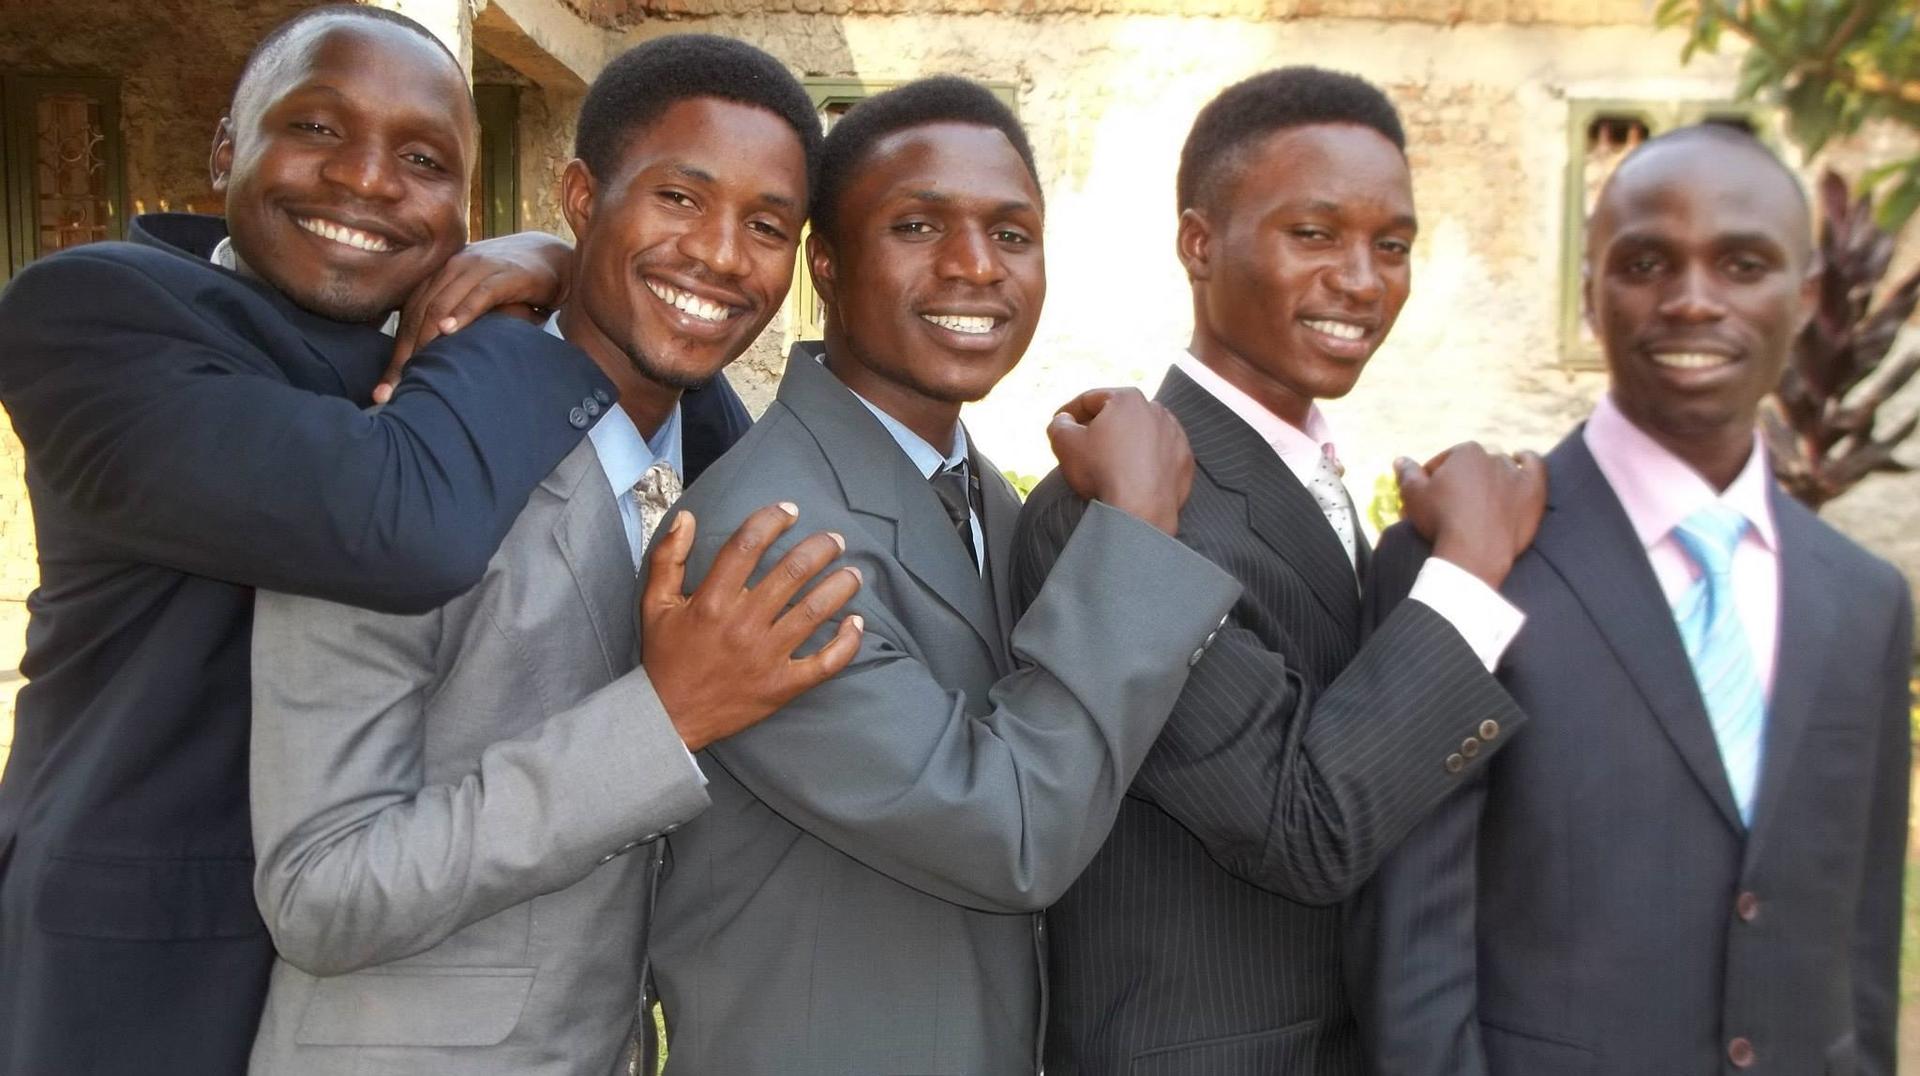 پنج يوگنڊن برادرين: (ايل آر آر) آدين ممبر، ايڊون بيامبل، گڊينين ٽسيم، هيرينسن تيمبو، ۽ کلي پيو ماسيرکا.